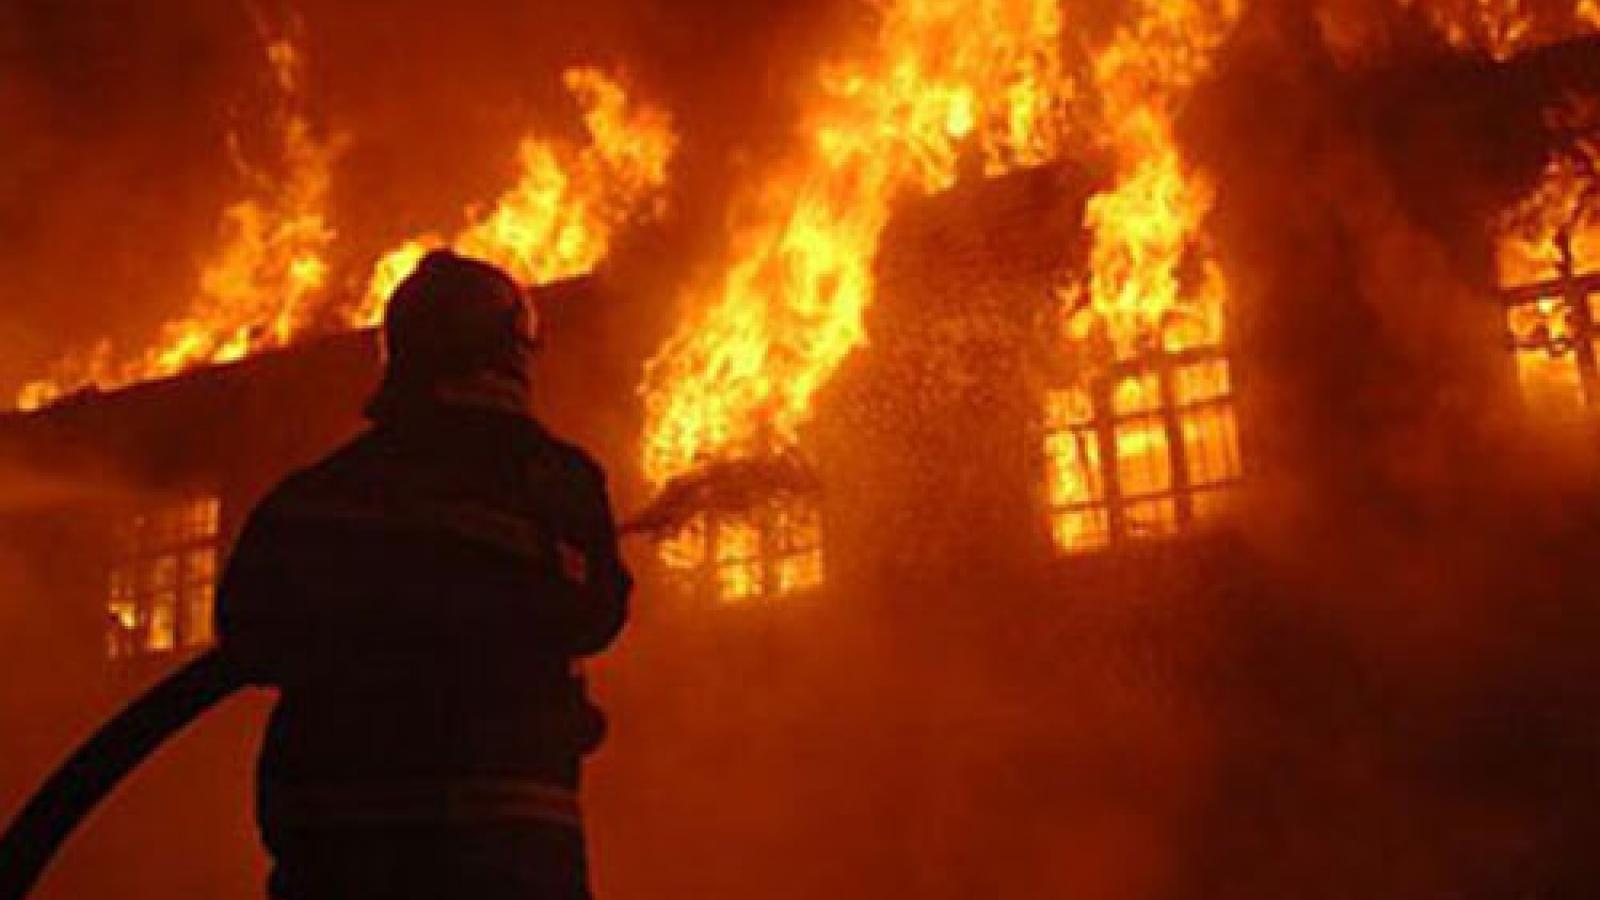 Cháy lớn tạitrung tâm võ thuật ởTrung Quốckhiến 18 người thiệt mạng